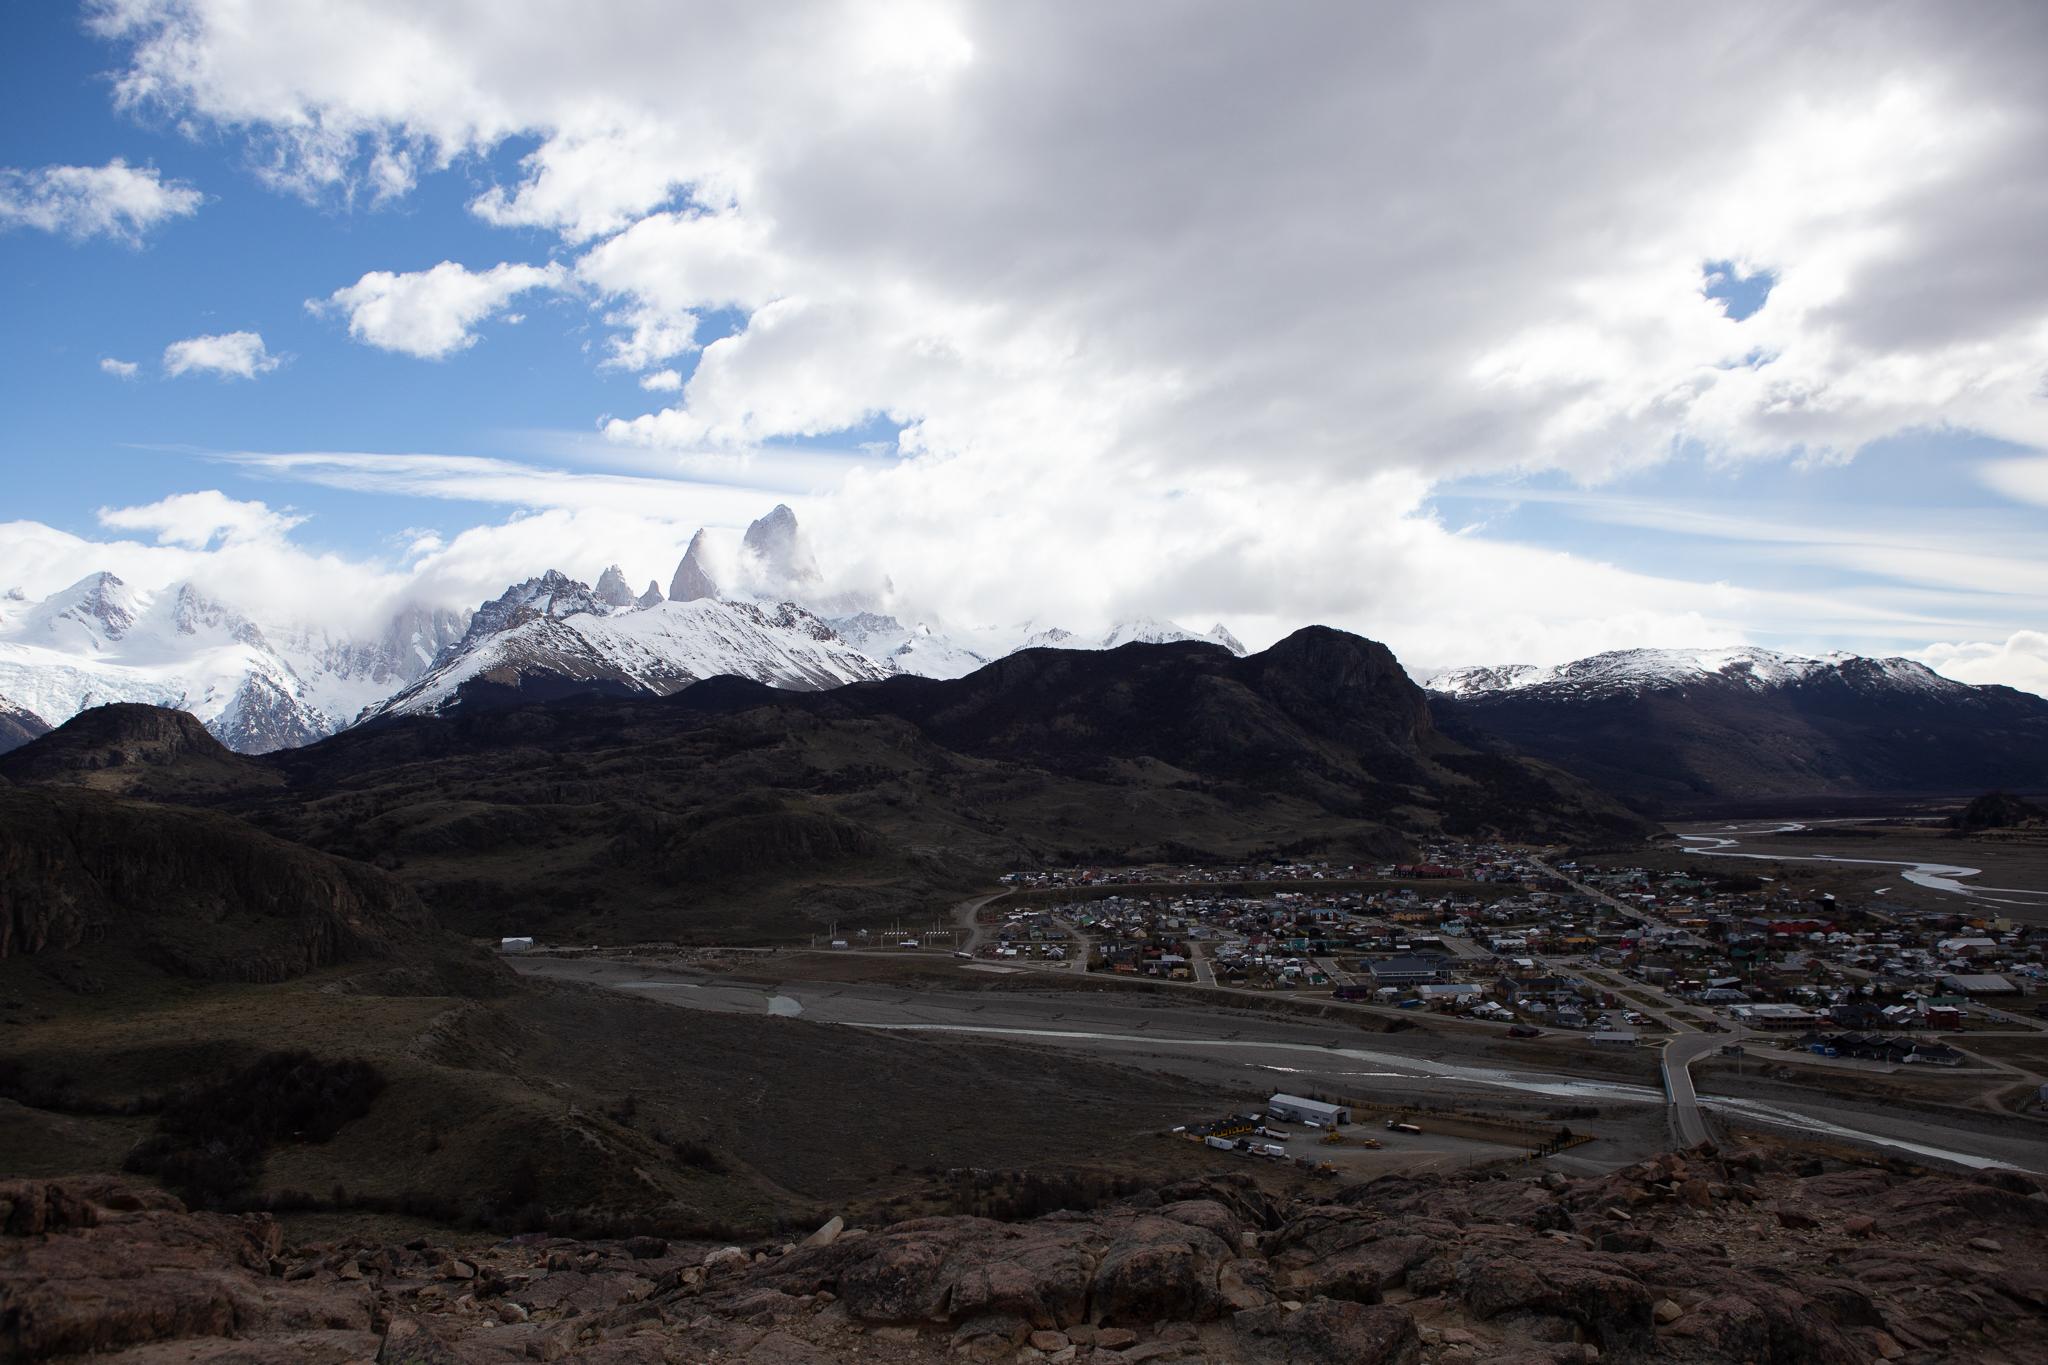 El Calafate, El Chalten, Perito Moreno, Parque Nacional Los Glaciares, Argentina, Buenos Aires-111.jpg